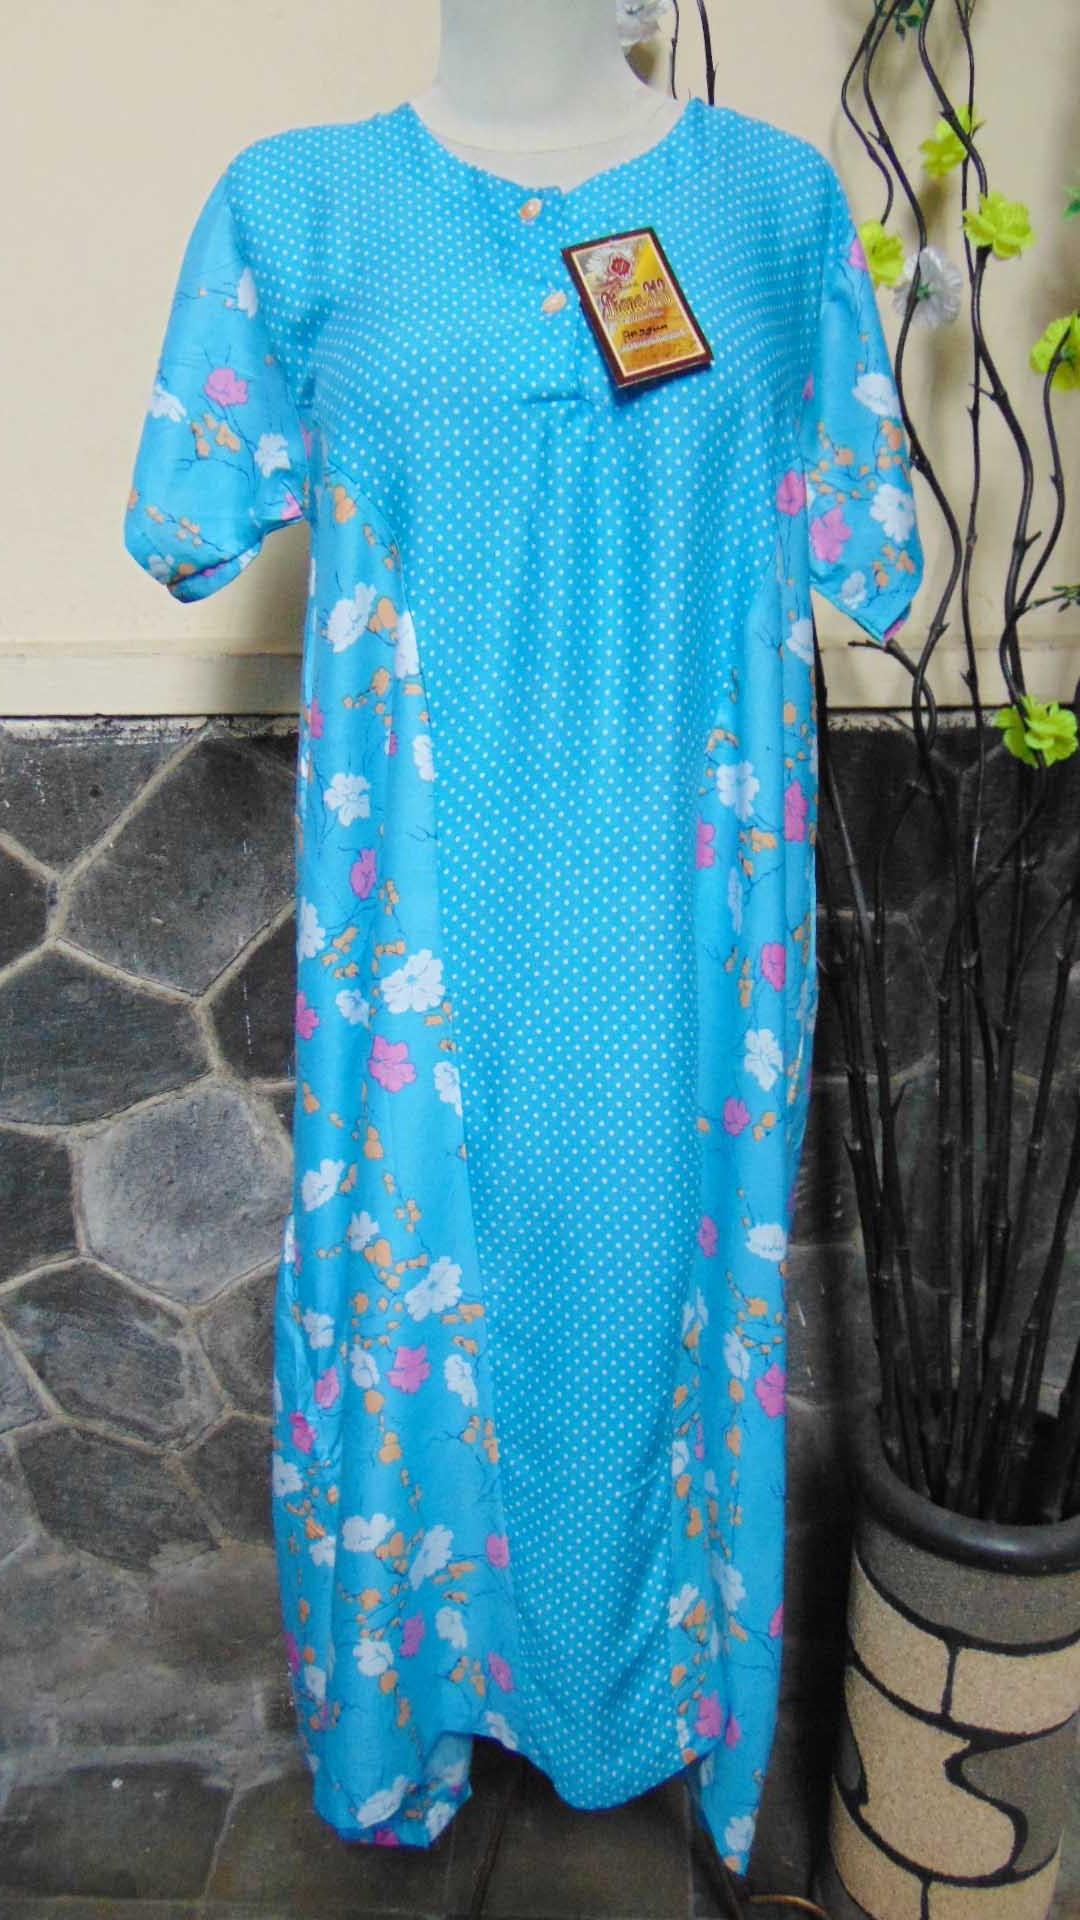 baju tidur santai batik daster wanita lengan pendek pias cantik daster diana motif polka bunga ANEKA WARNA